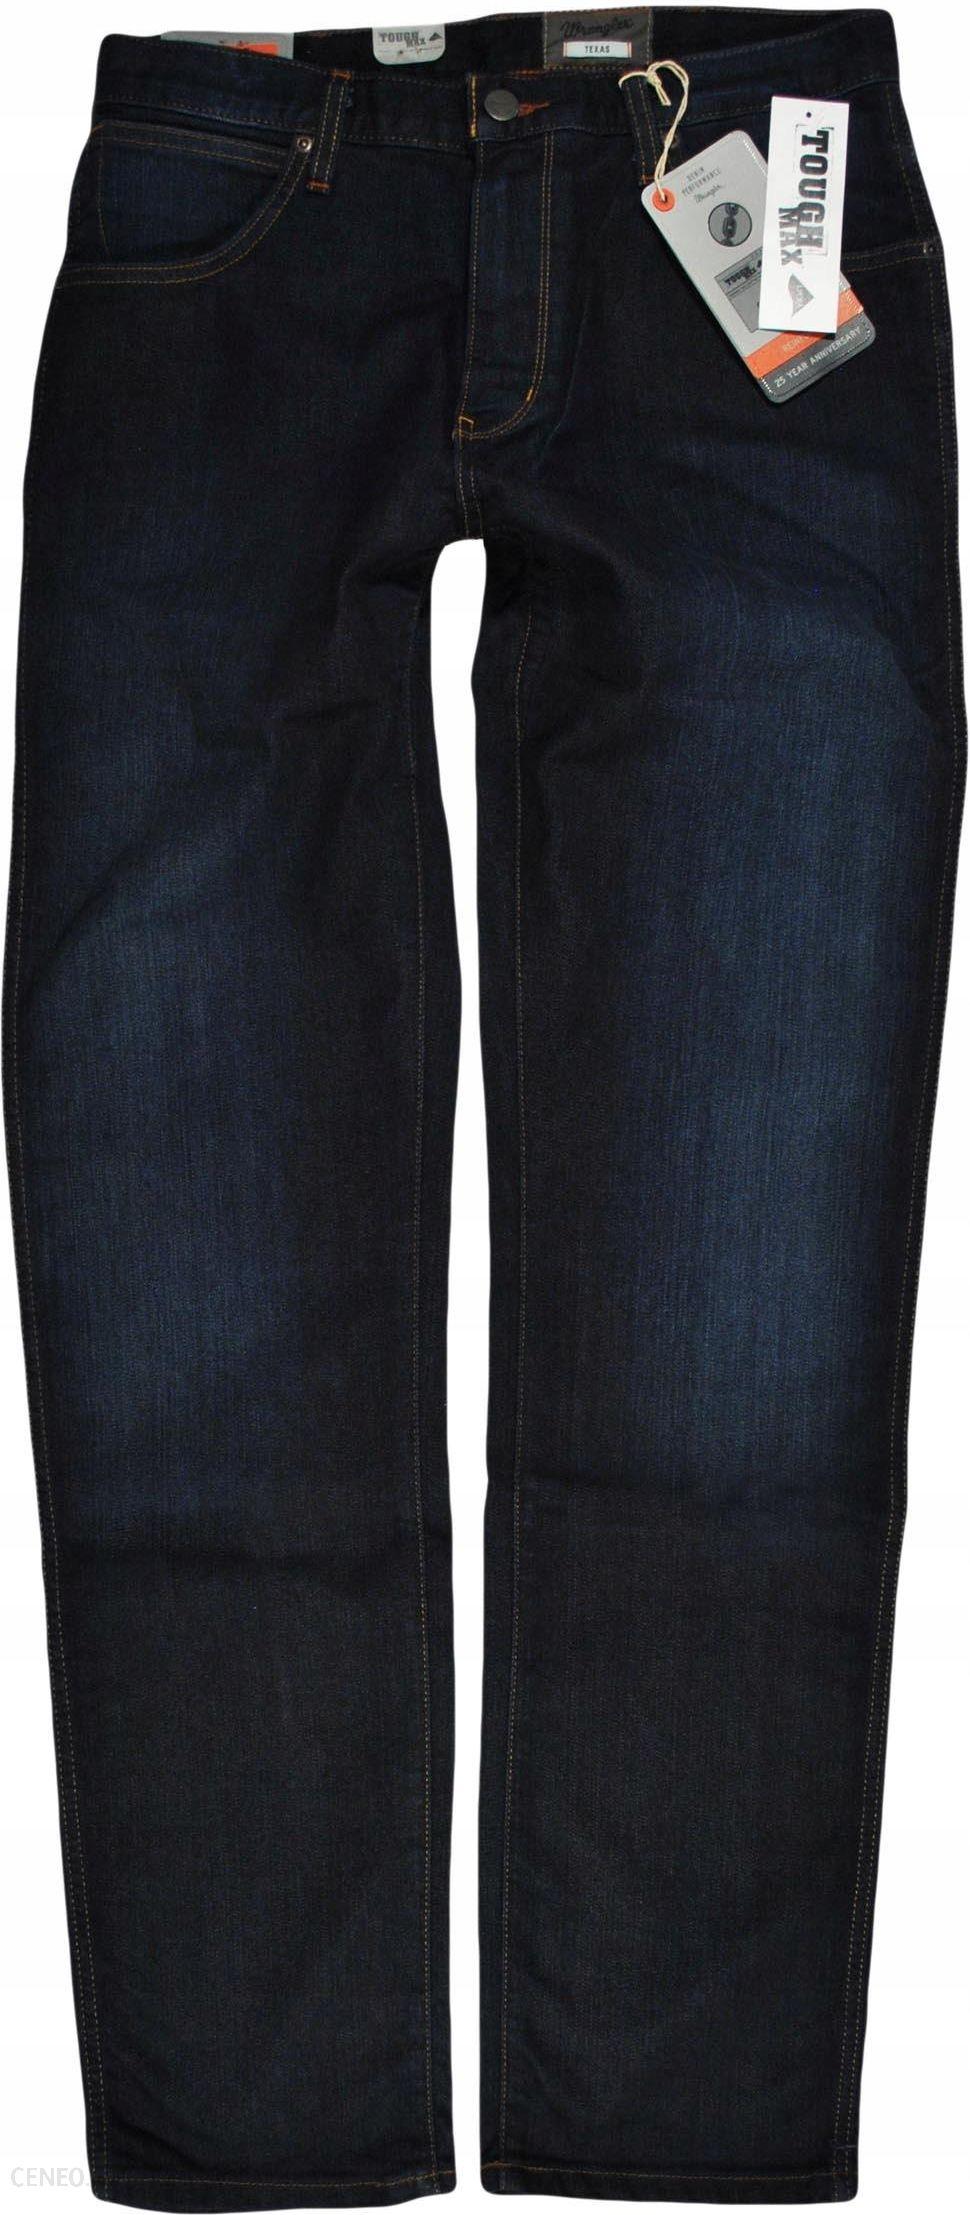 df1196ebeb564c WRANGLER spodnie REGULAR fit TEXAS STRETCH W32 L34 - Ceny i opinie ...